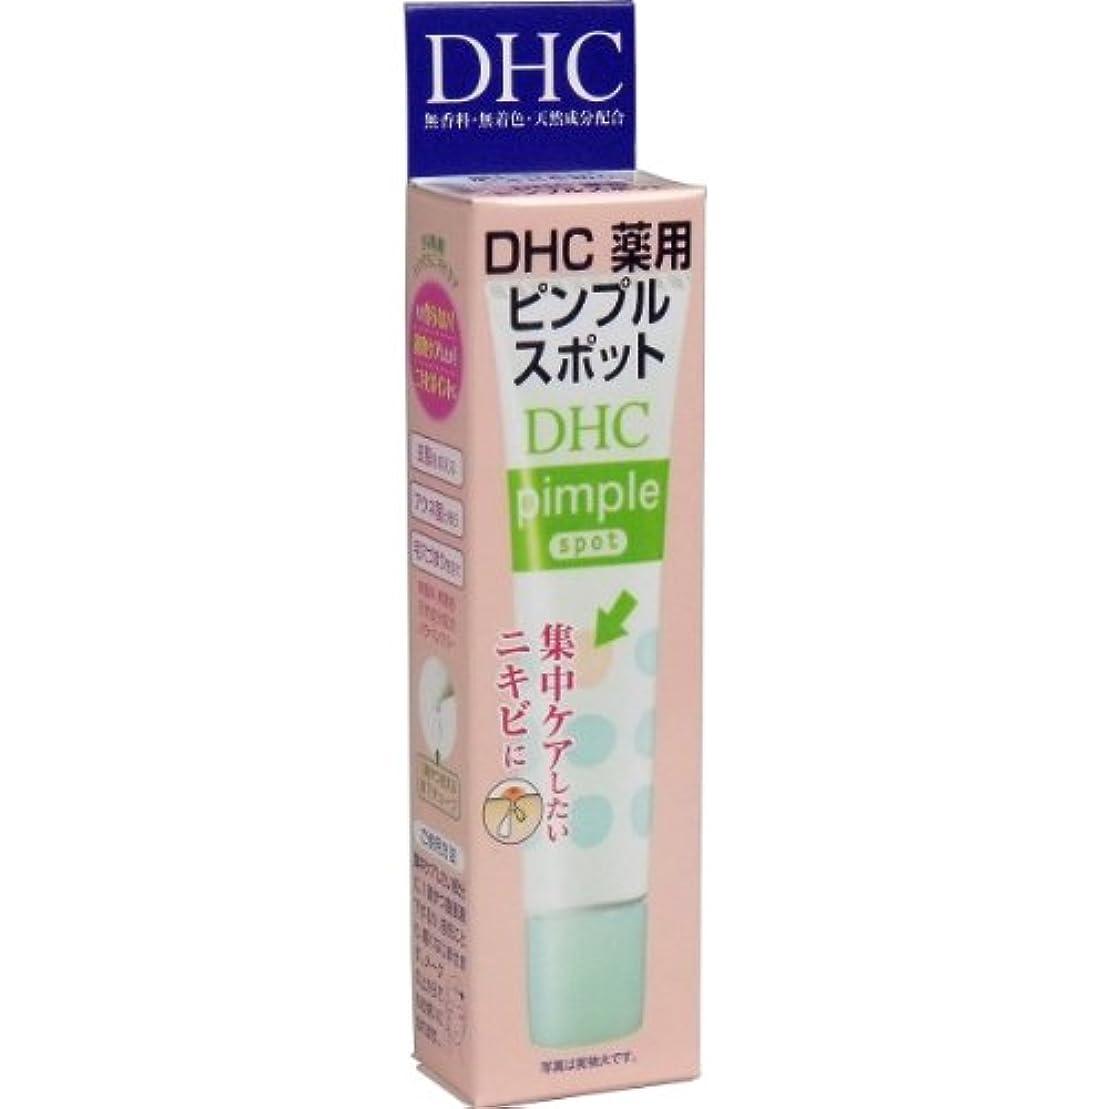 極めてスカリーパラダイス【まとめ買い】DHC薬用ピンプルスポット 15ml ×2セット